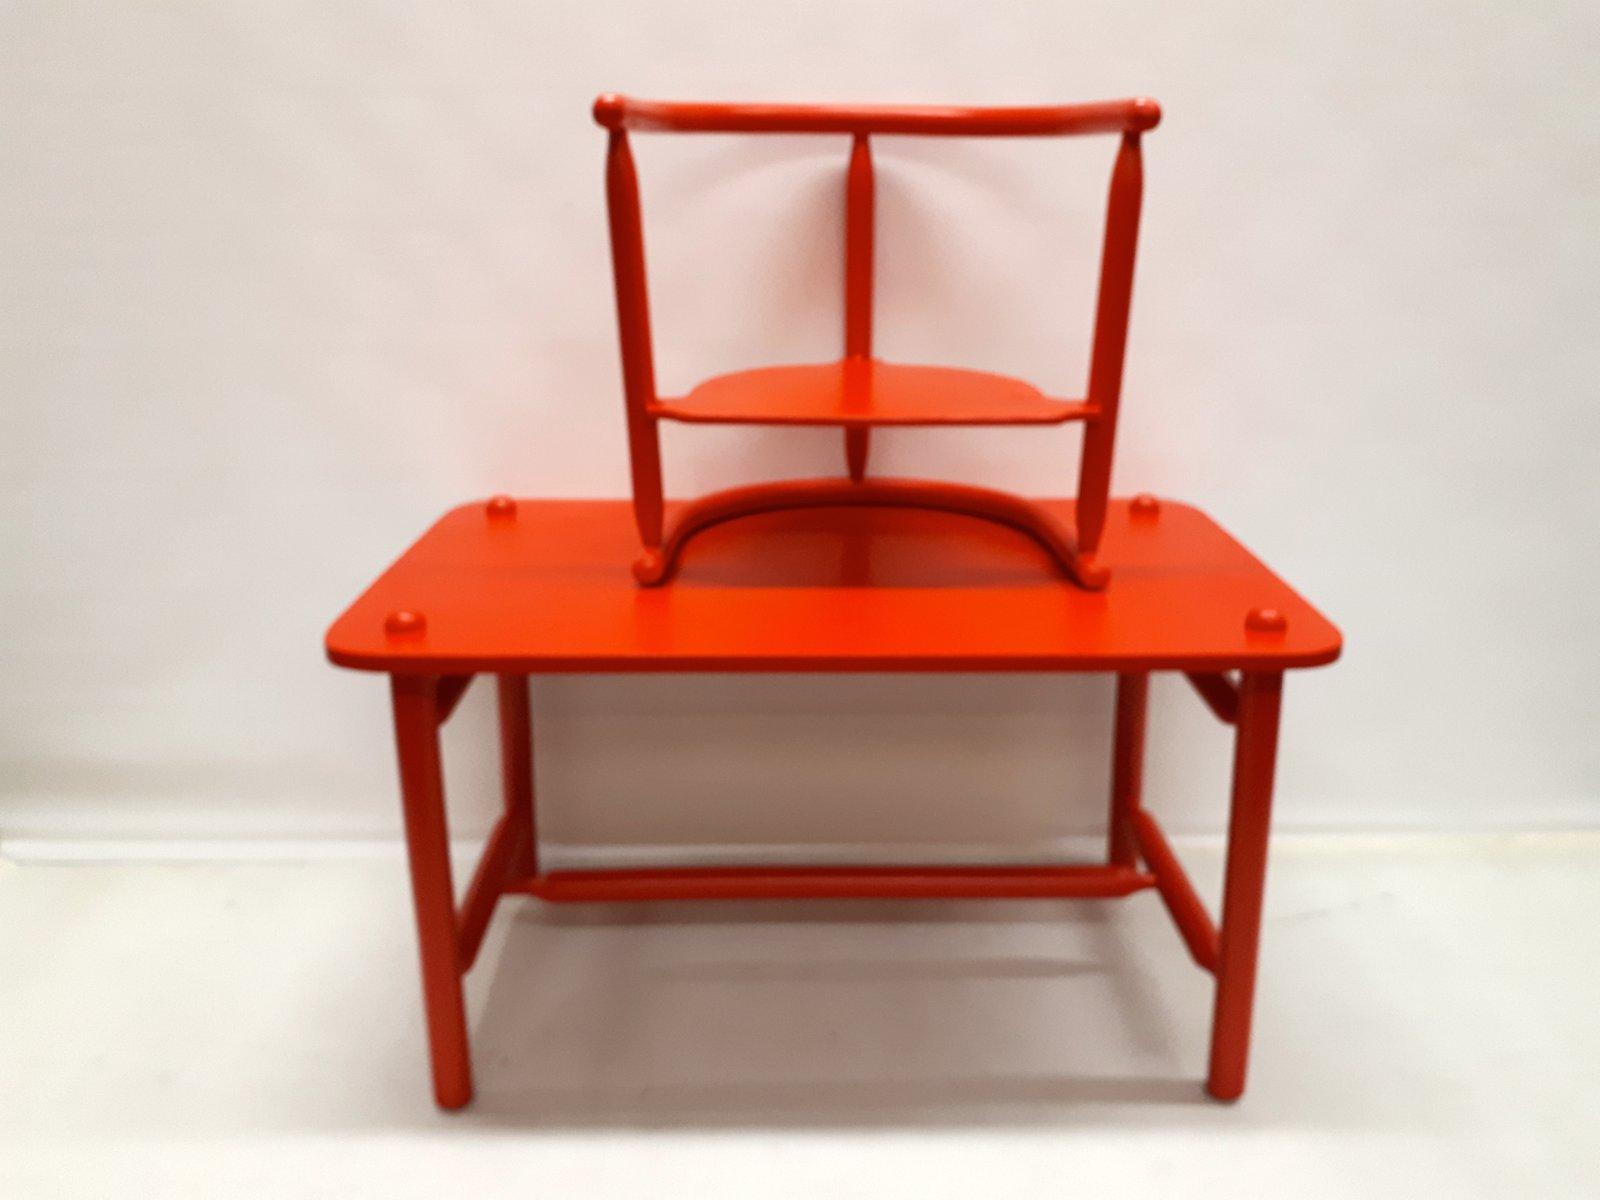 Ikea Stuhl Ikea Sessel Beige Inspiration Von Auflage Stuhl Sichtschutz